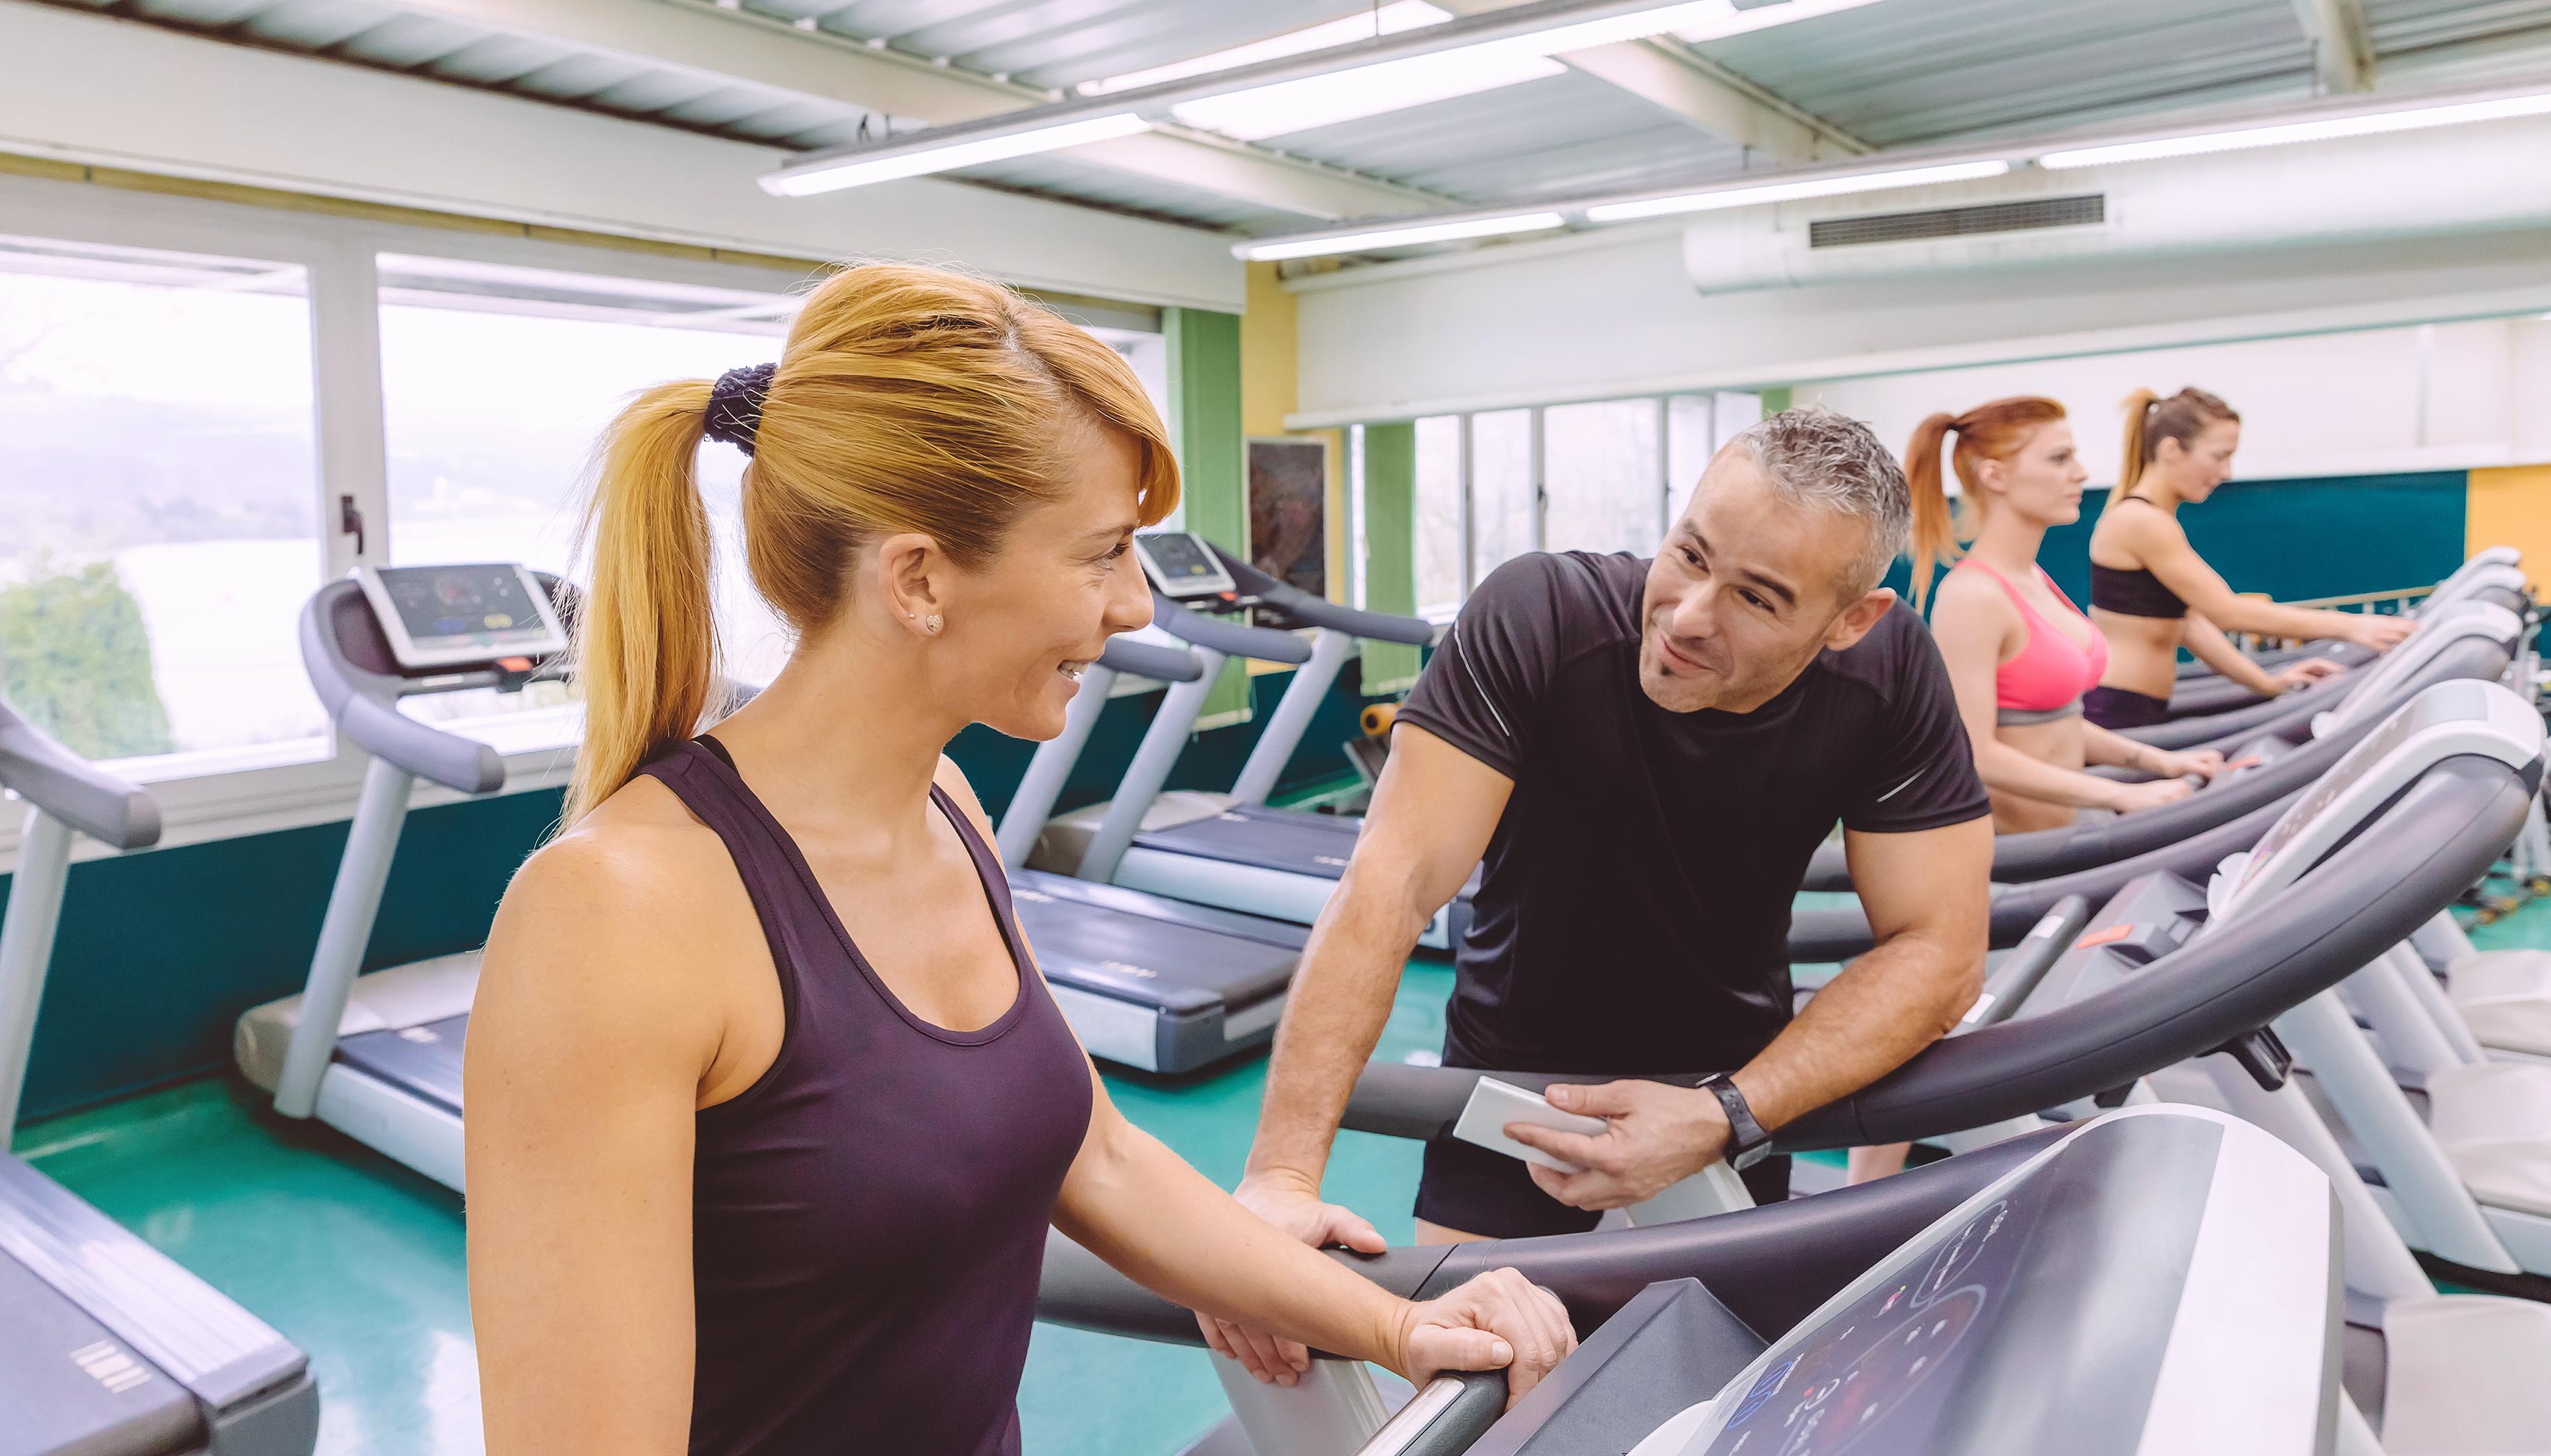 Spor salonunda bir erkekle tanışmak için 5 flört stratejisi